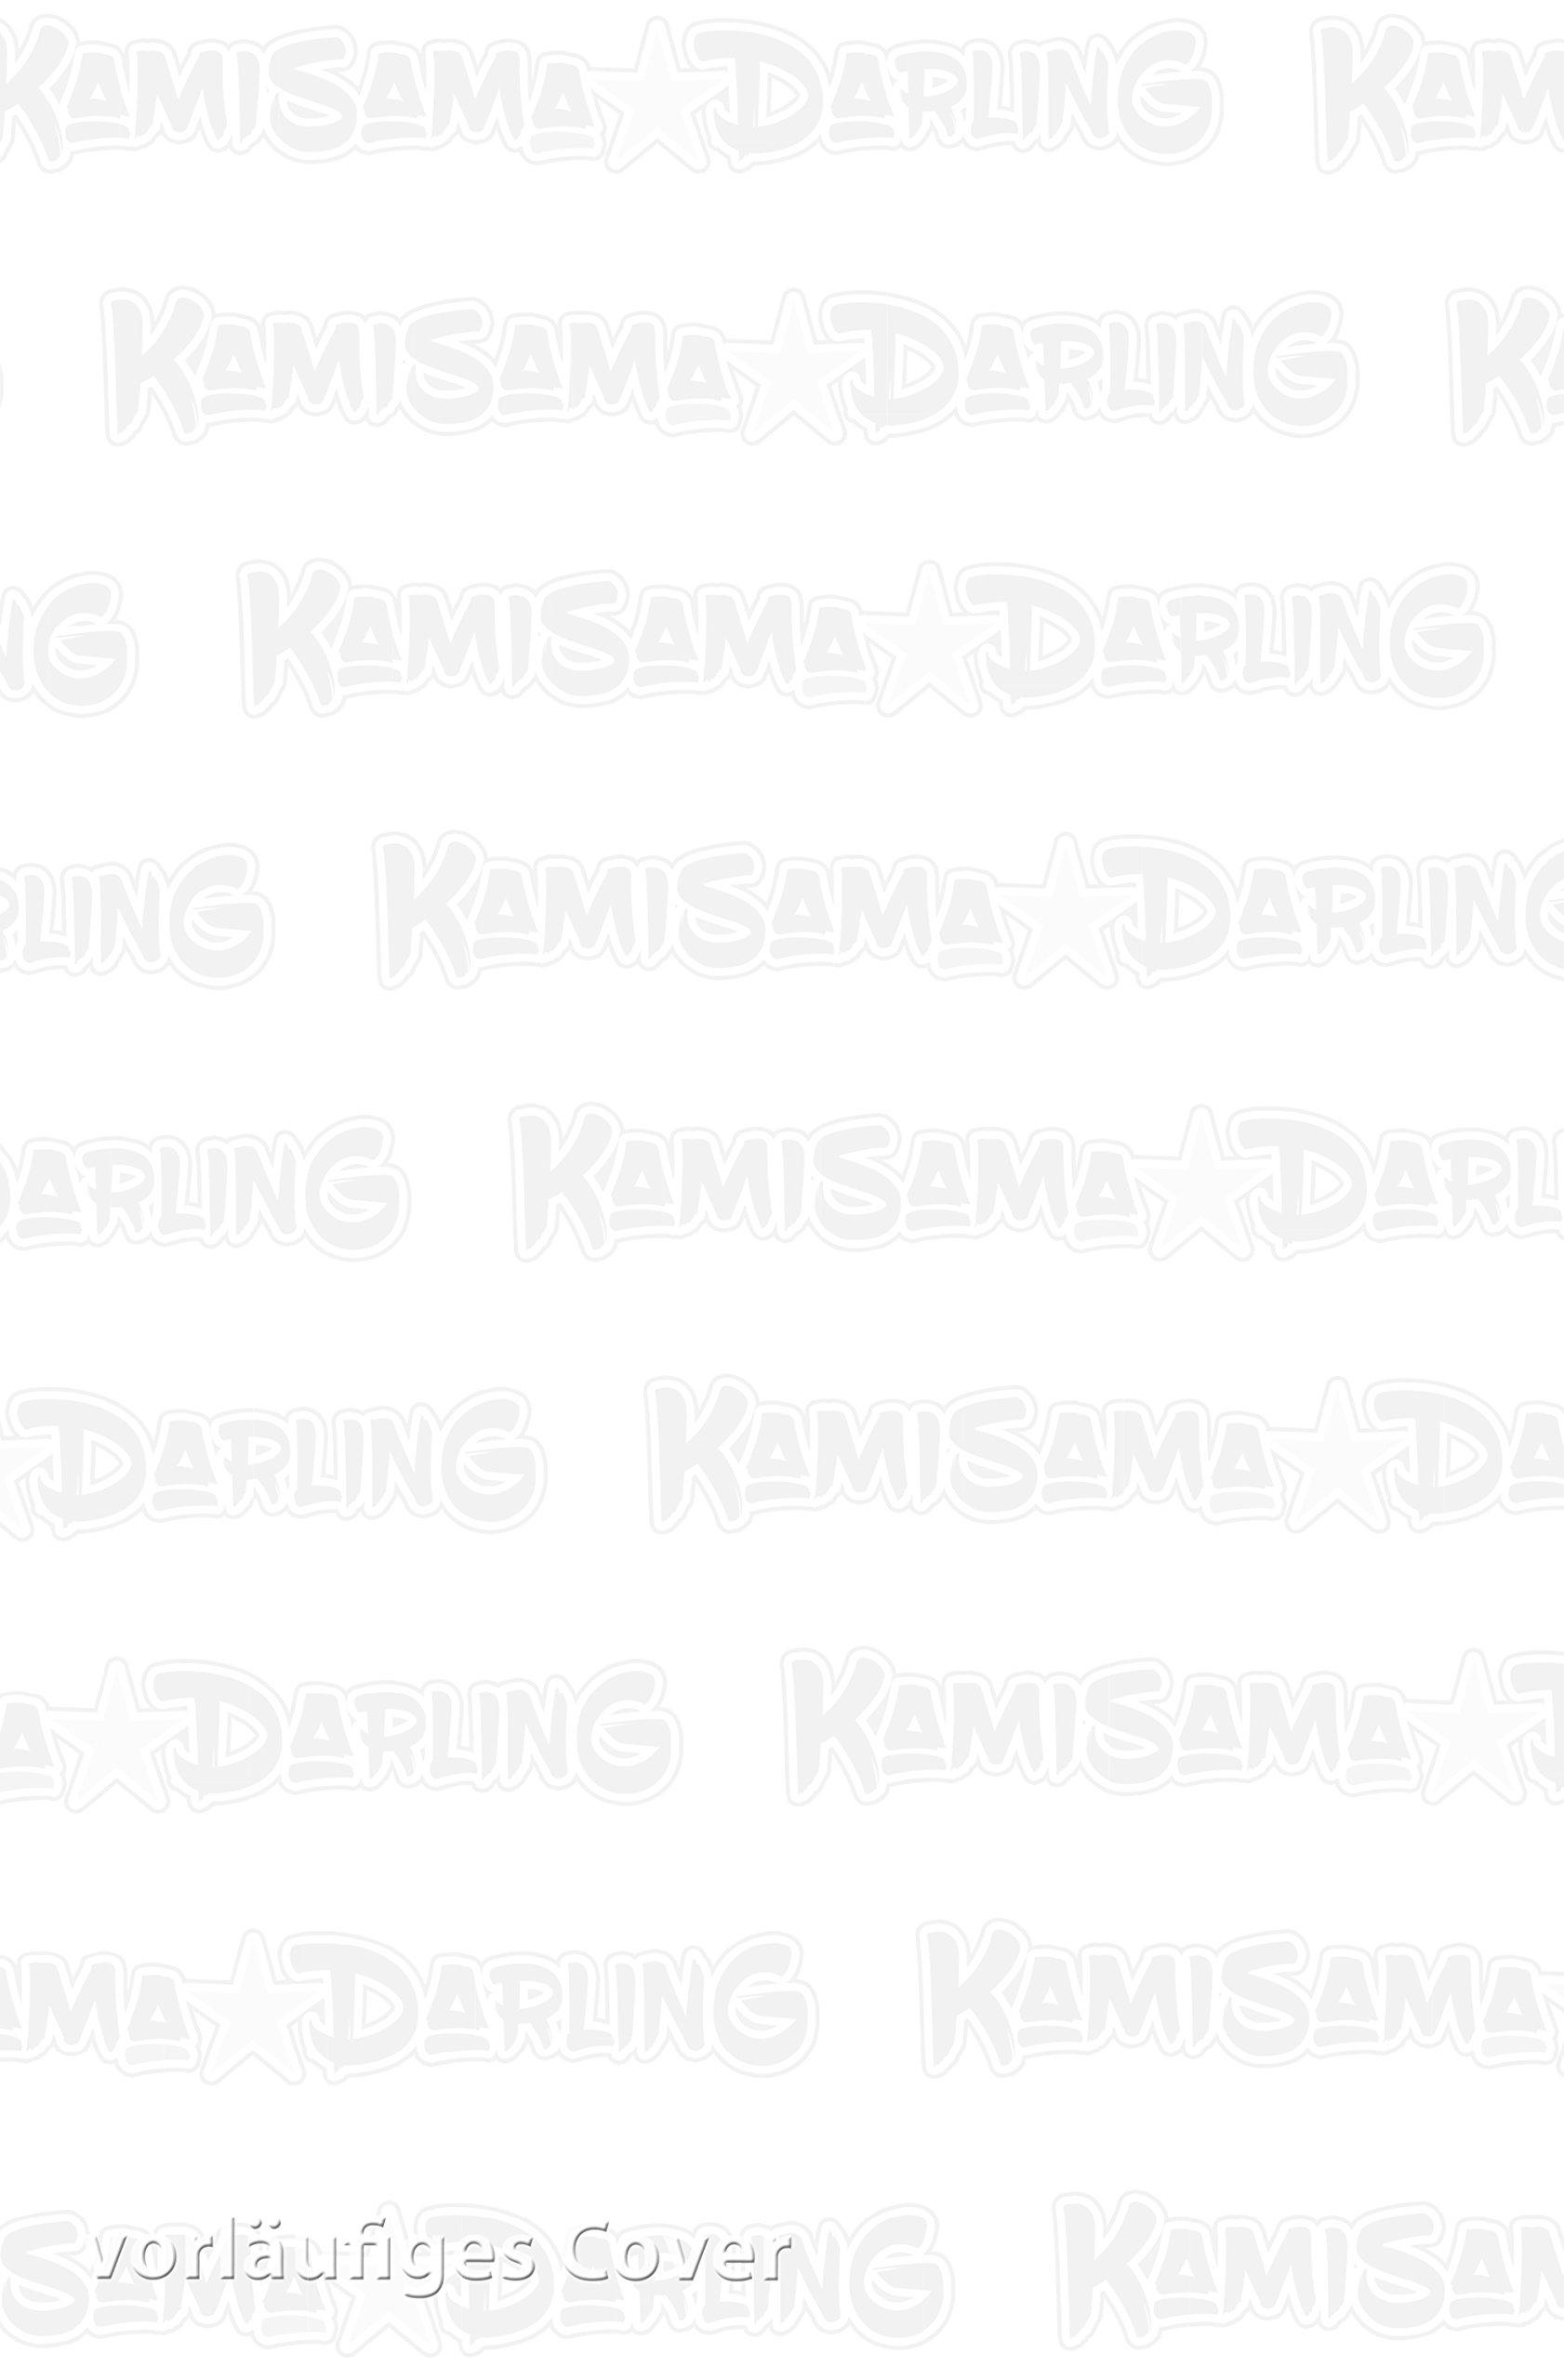 Kamisama Darling 5 Taschenbuch – 27. November 2018 Kyoko Aiba Carlsen 3551722307 Bezug zu Schwulen und Lesben